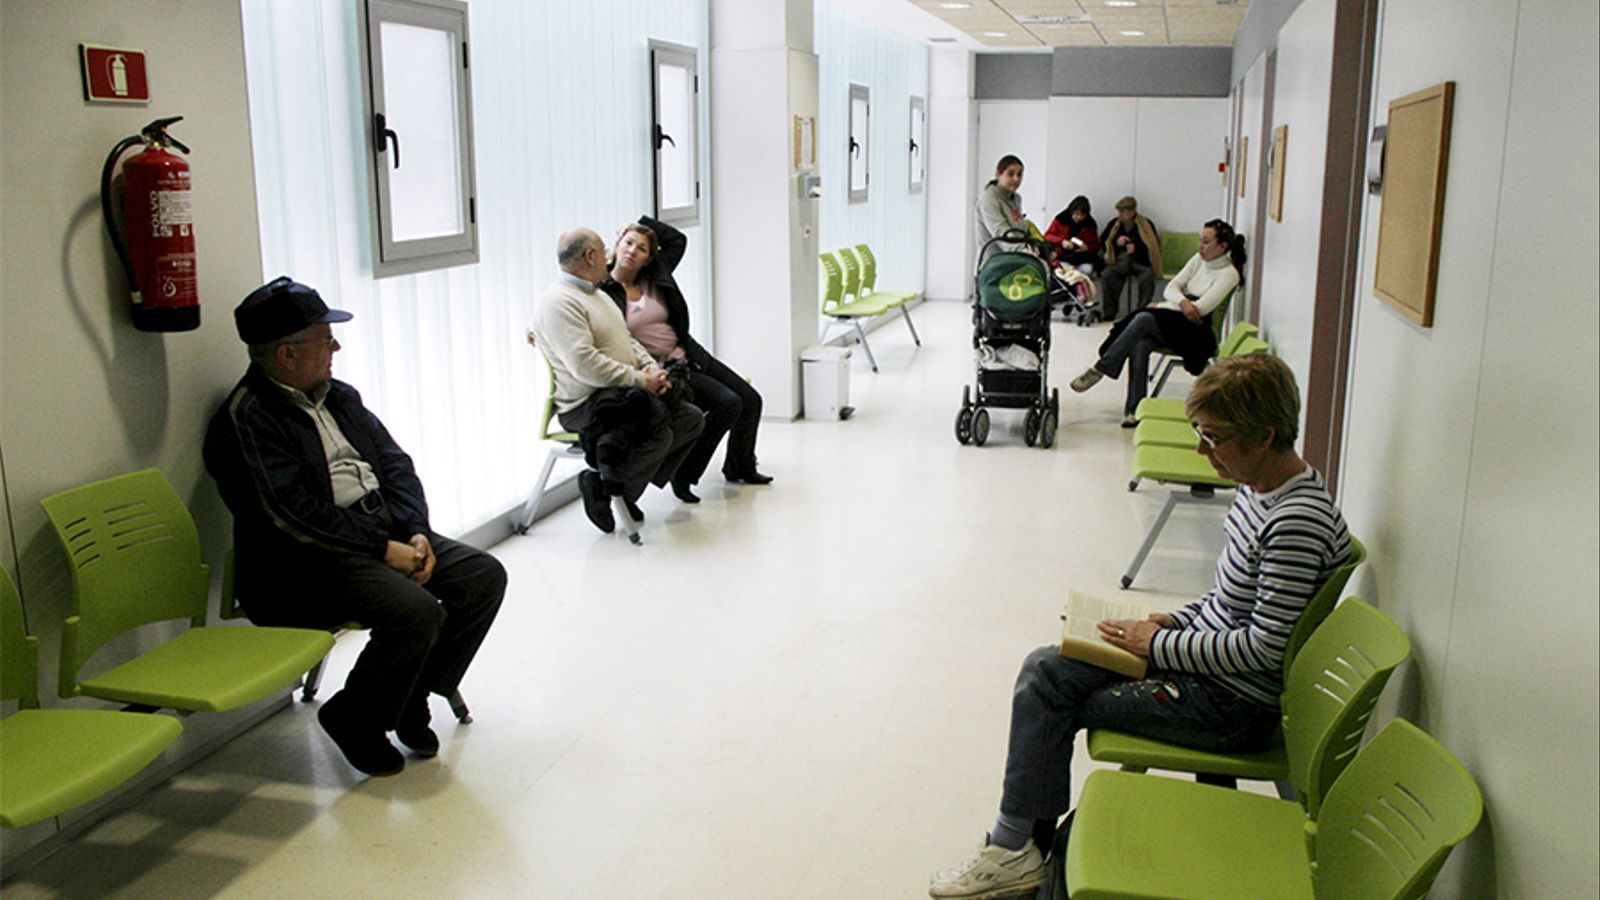 Els centres de salut podran atendre ara a tothom, amb papers o sene...en realitat ja ho feien.